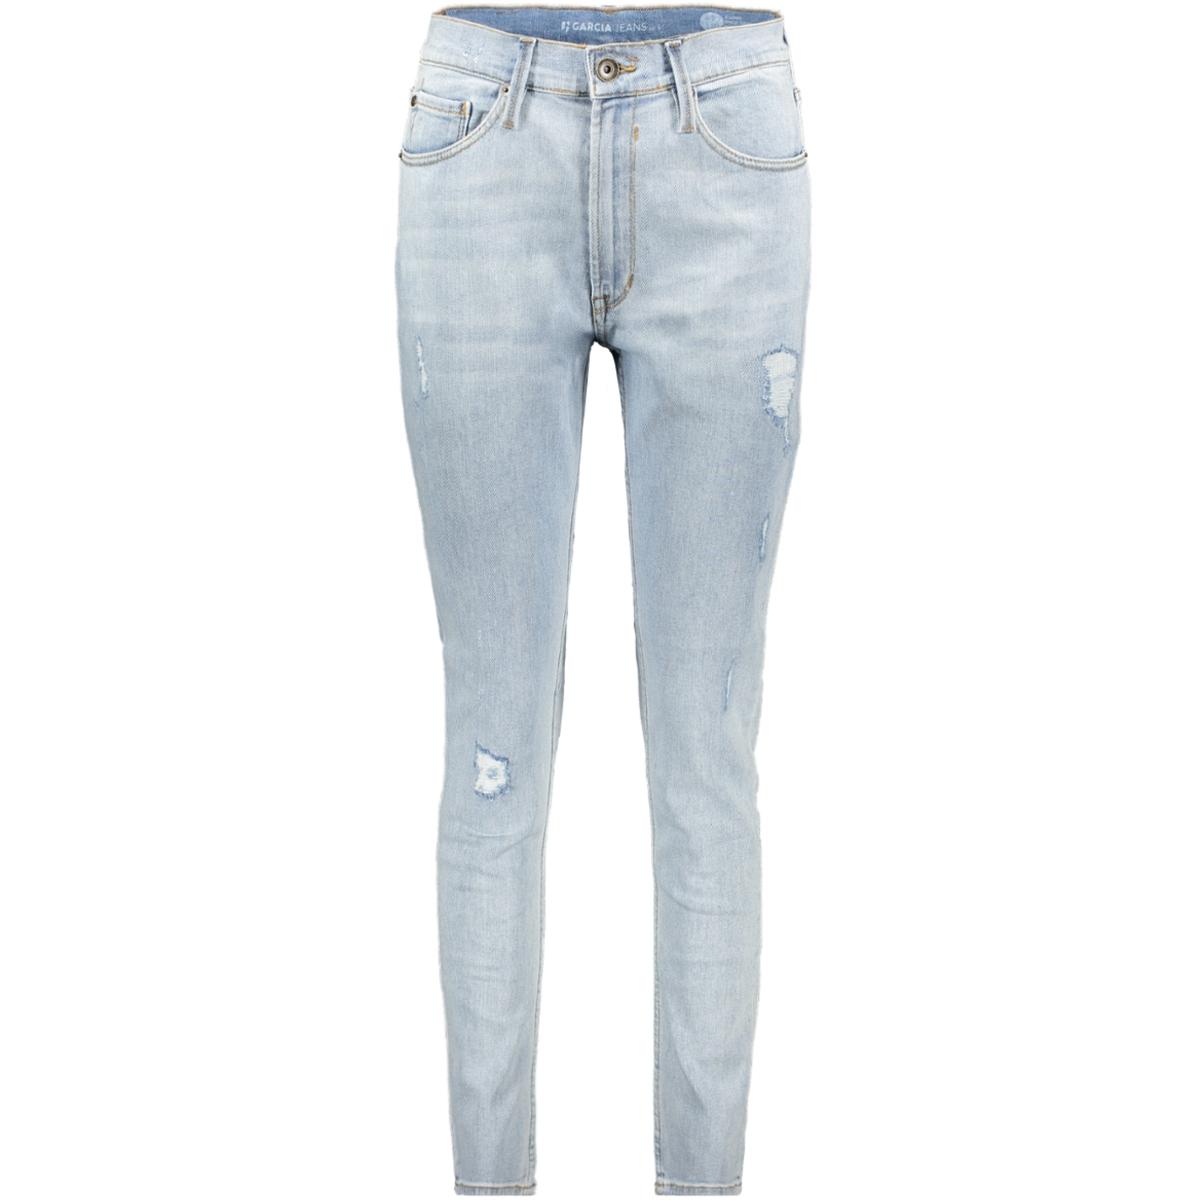 220 elina tapered garcia jeans 4579 motion denim vintage used